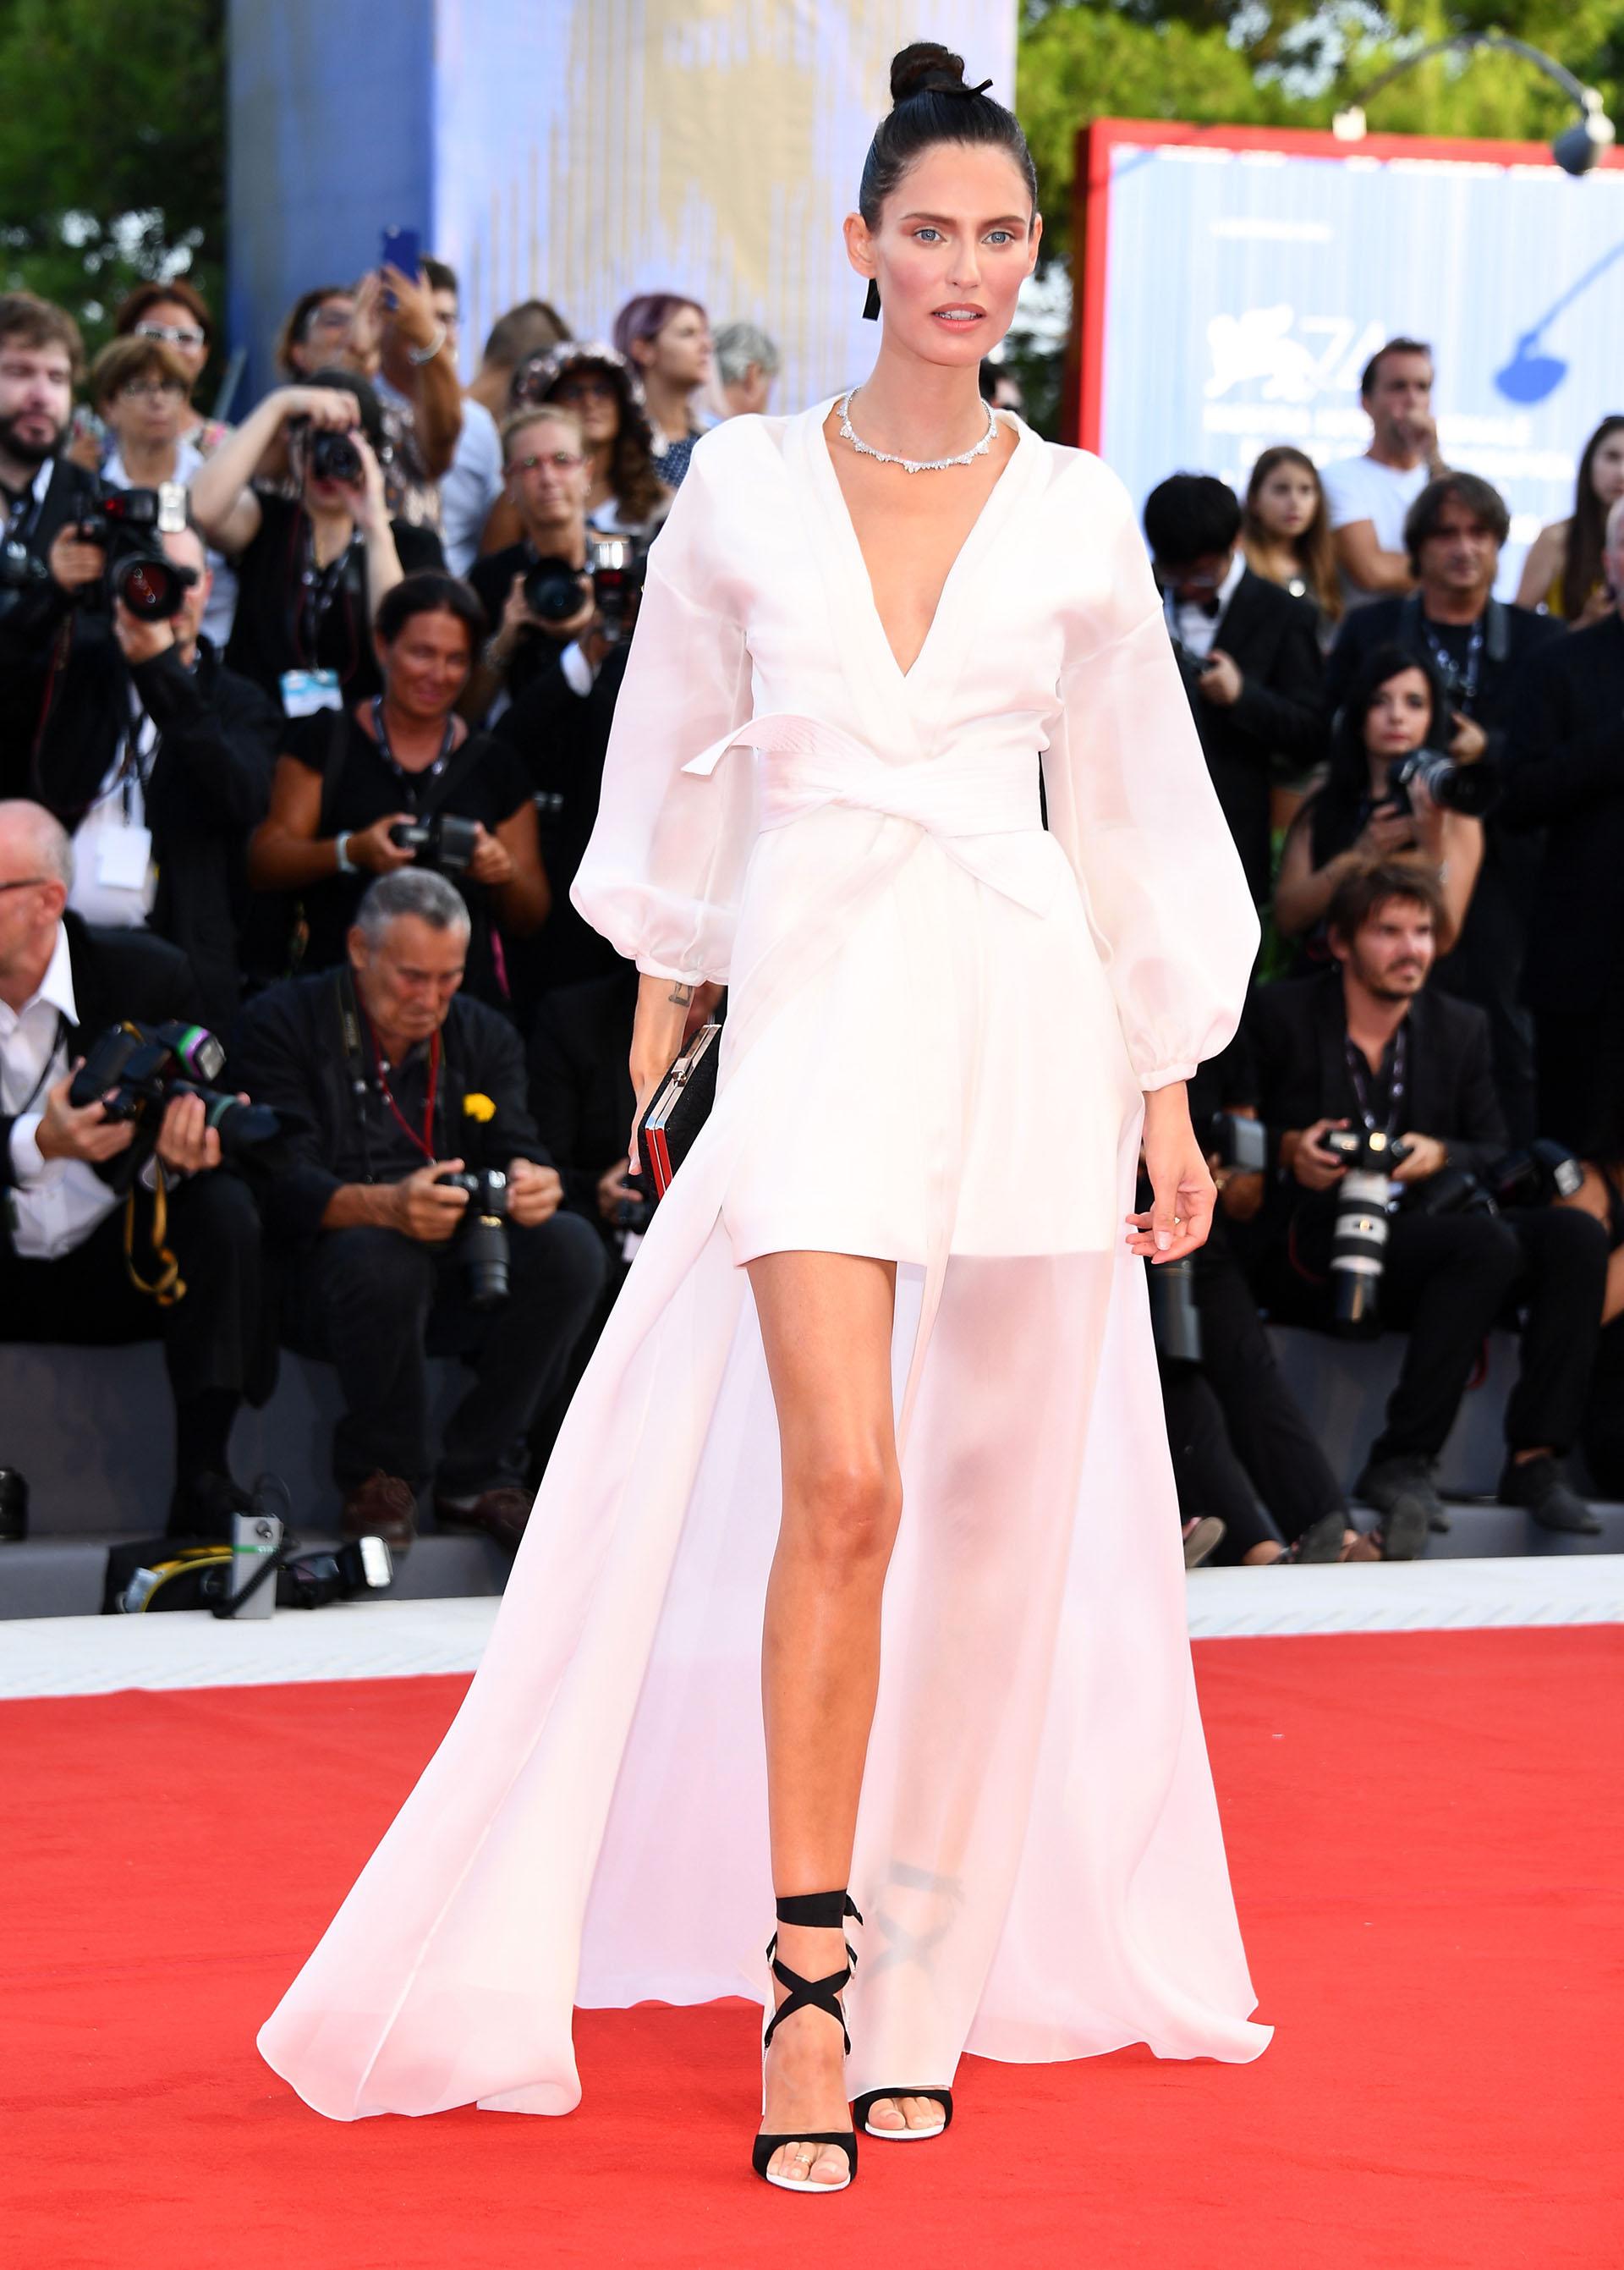 El total white look de Bianca Balti levantó las miradas de los invitados. Escogió una pieza asimétrica de OVS que completó con un peinado de aires orientales (Pascal Le Segretain/Getty Images)